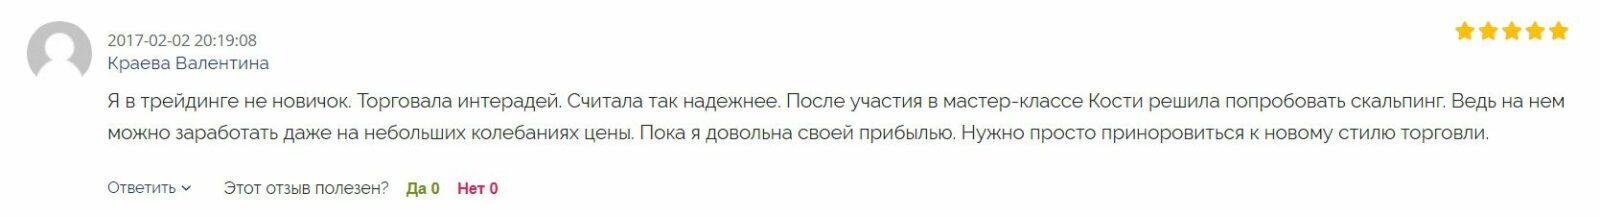 Трейдер Константин Гринькин отзывы